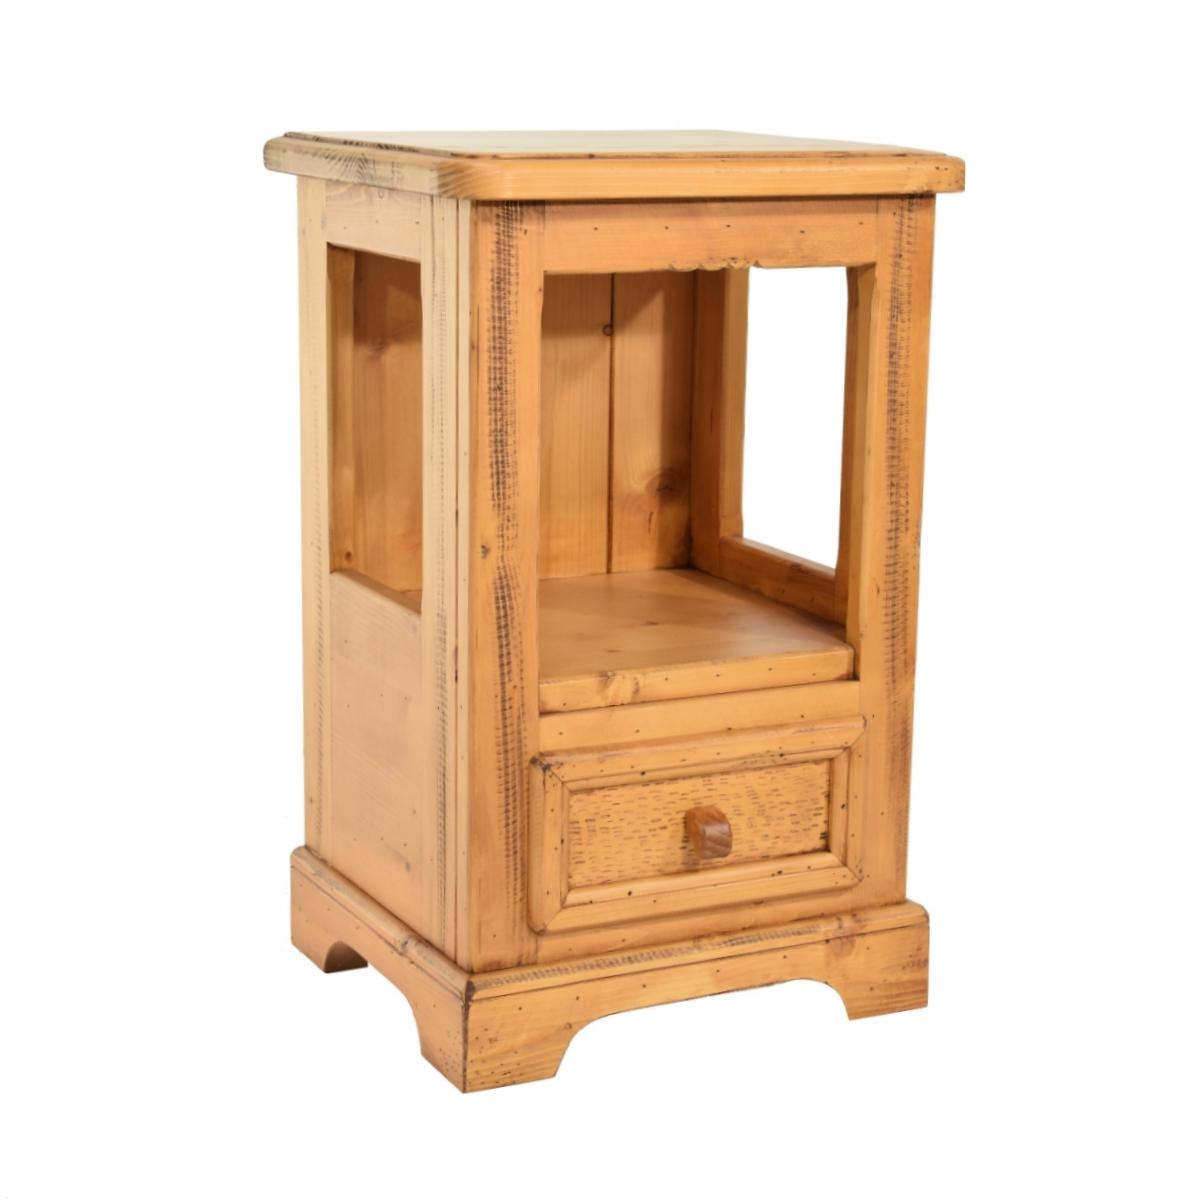 Mesita noche r stica un caj n ecor stico venta de muebles - Mesitas de noche rusticas ...